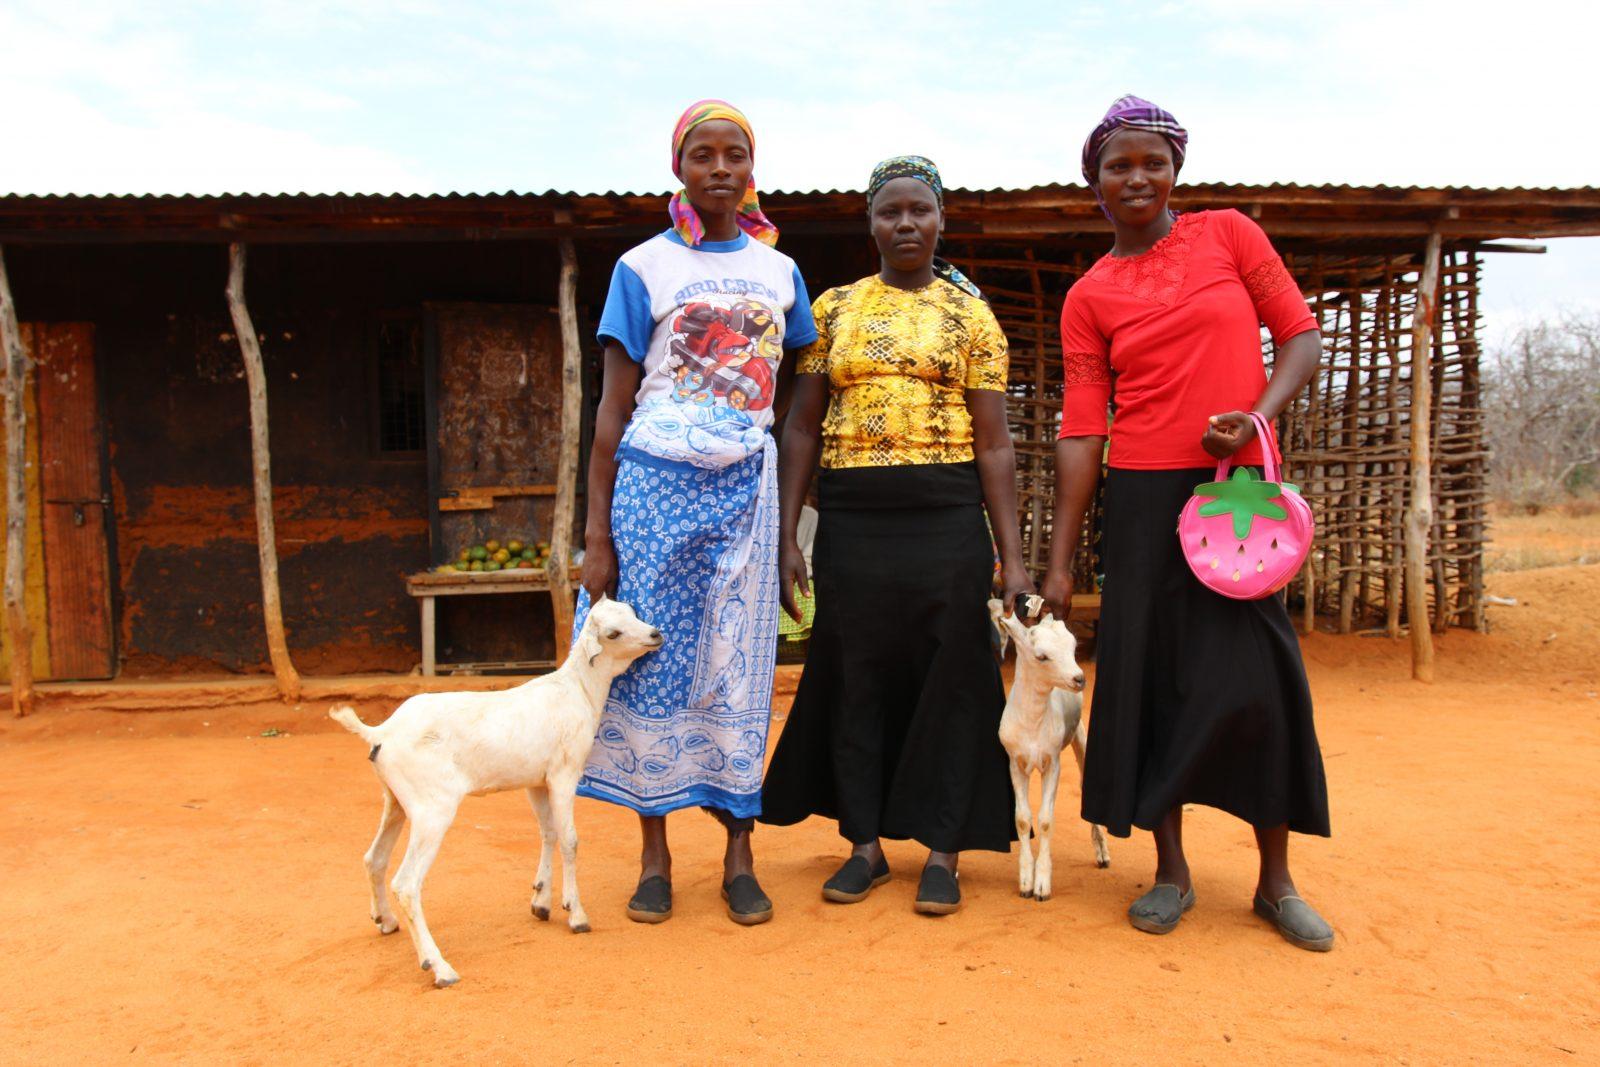 Mwethi Mwendi till vänster hade lånat 100 USD för att köpa getter. Tack vare getterna kan nu försörja hela sin familj och skicka sina barn till skolan.